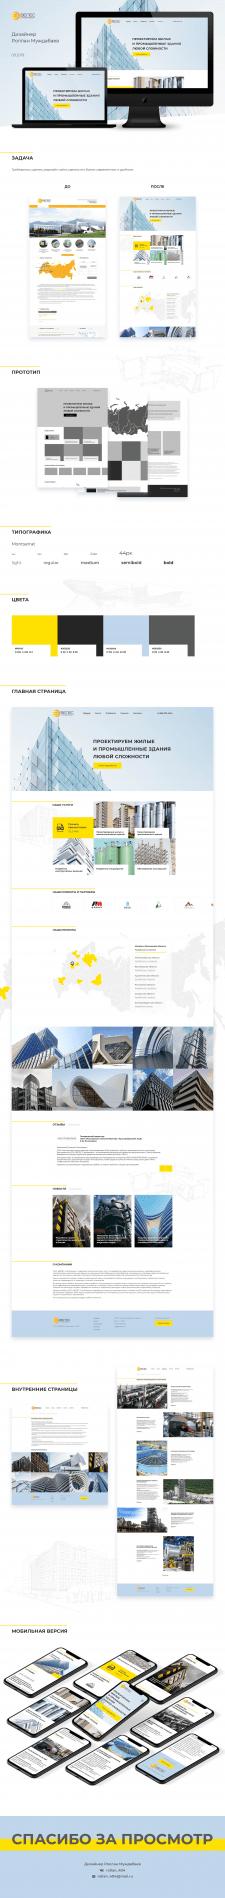 Редизайн веб-сайта проектной организации